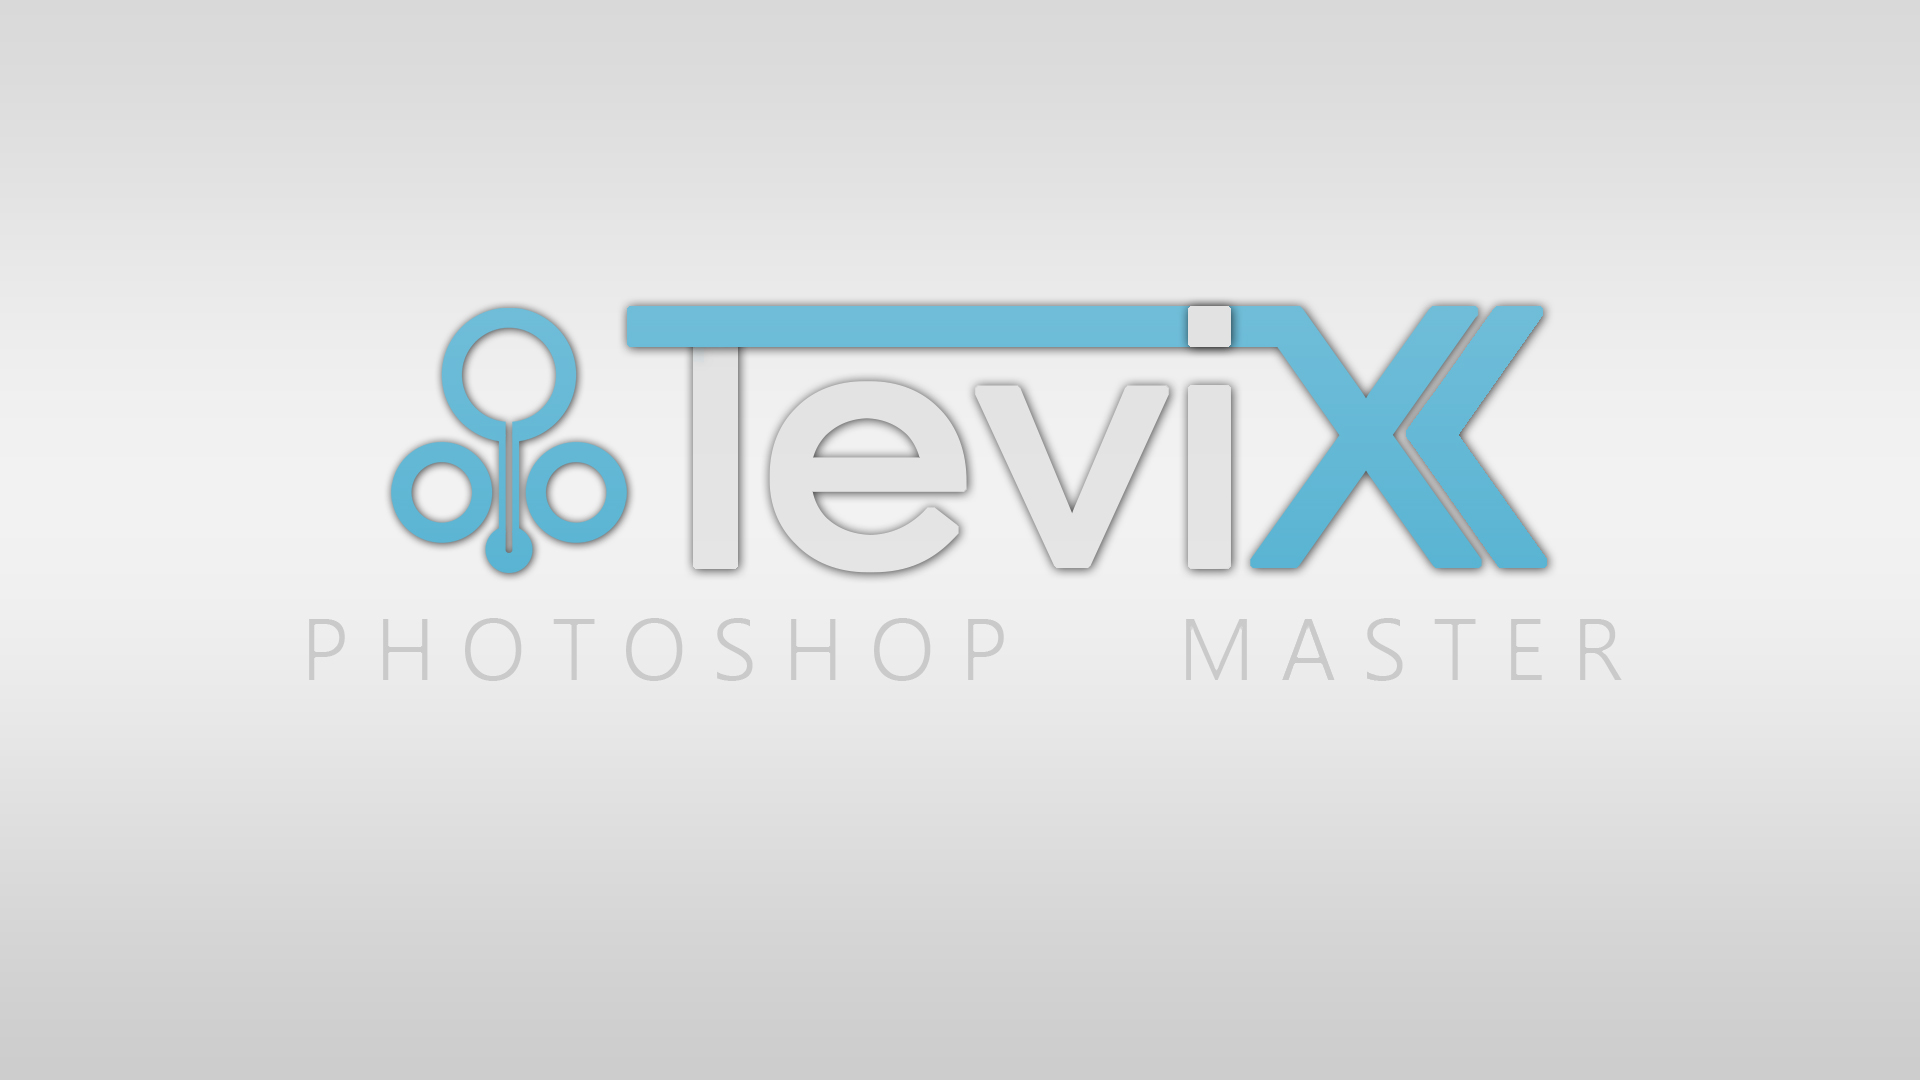 ltevixx.jpg